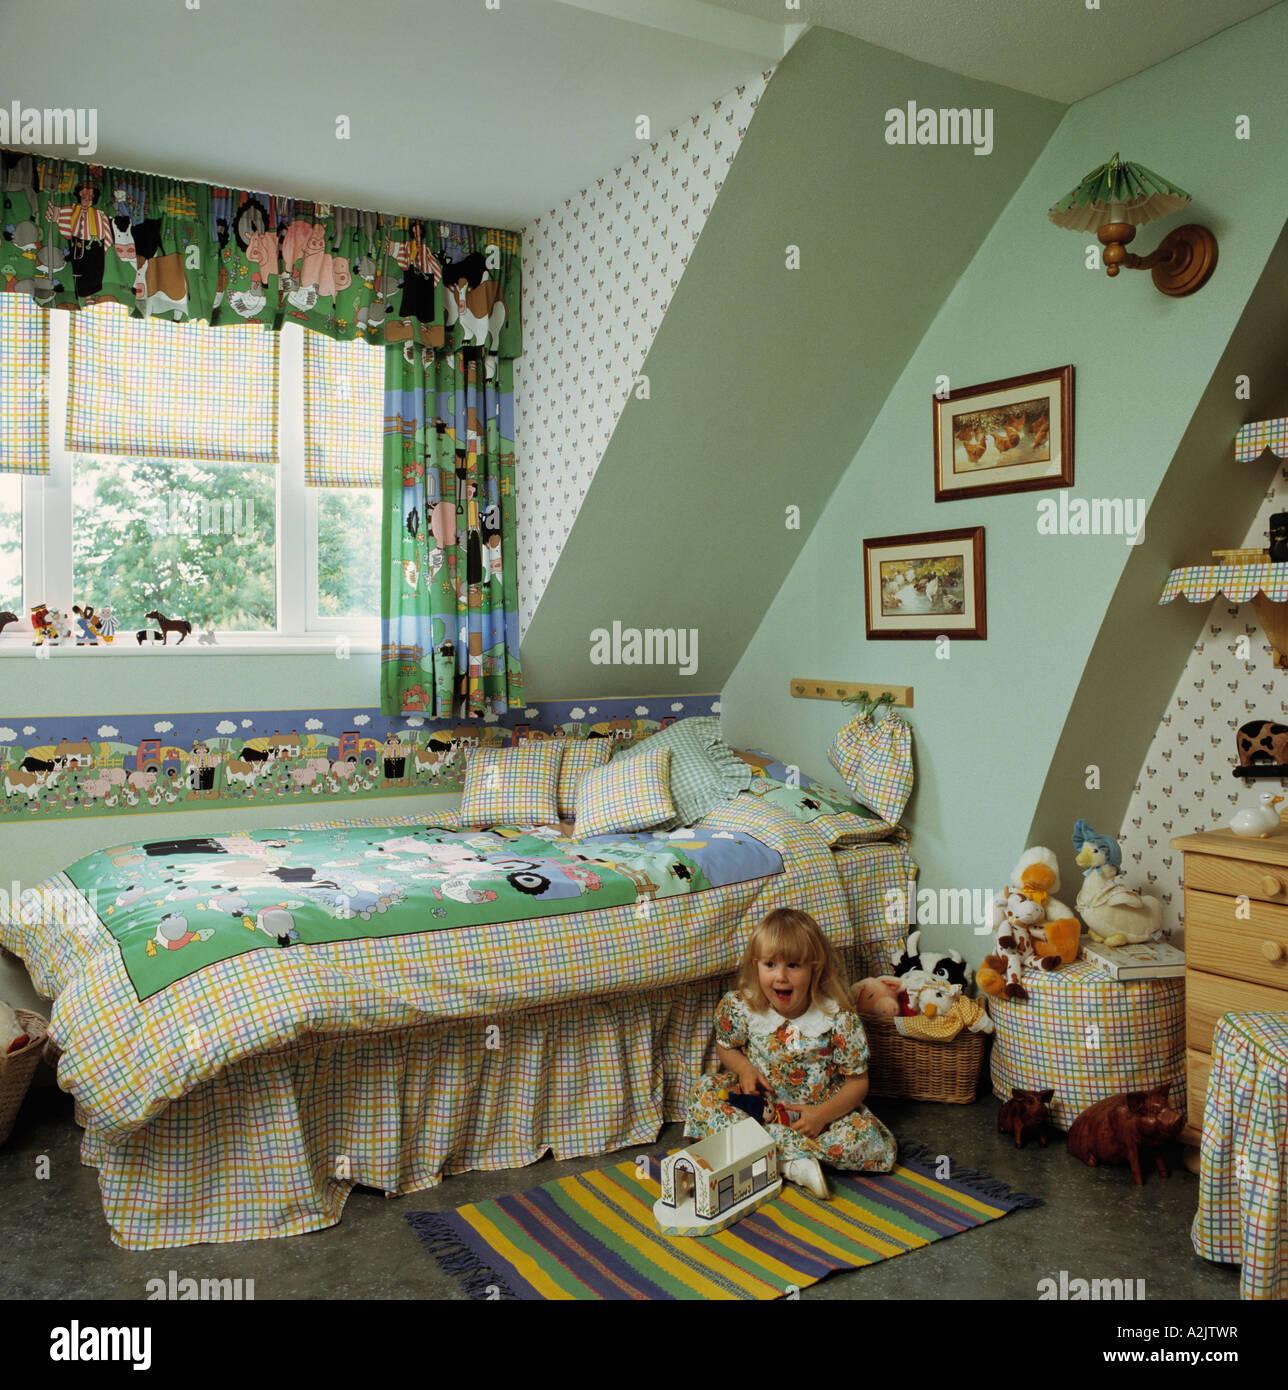 Papier Peint Chambre Mansardée enfant dans une chambre mansardée avec papier peint vert et